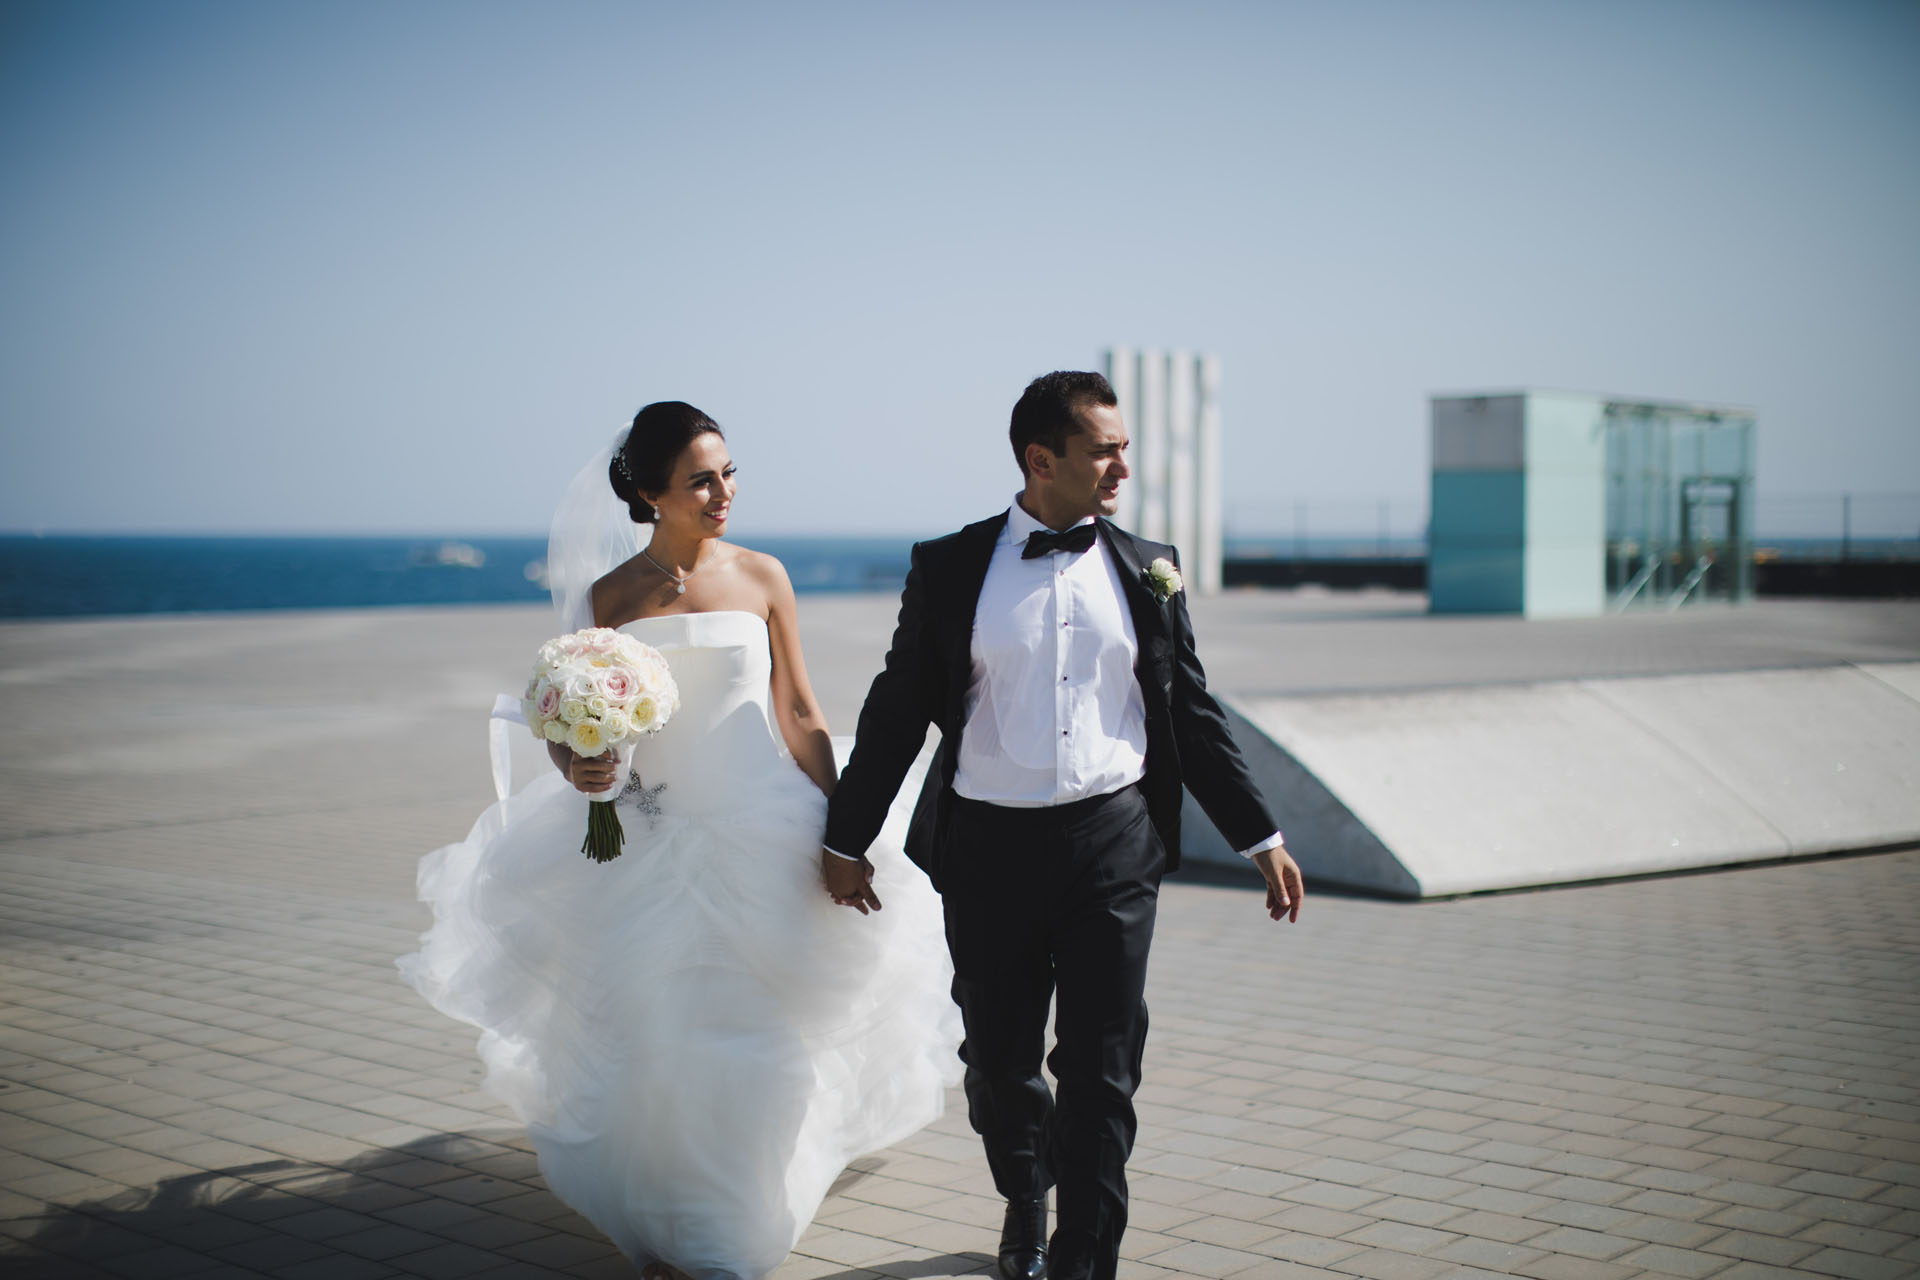 matrimonio-boda-persa